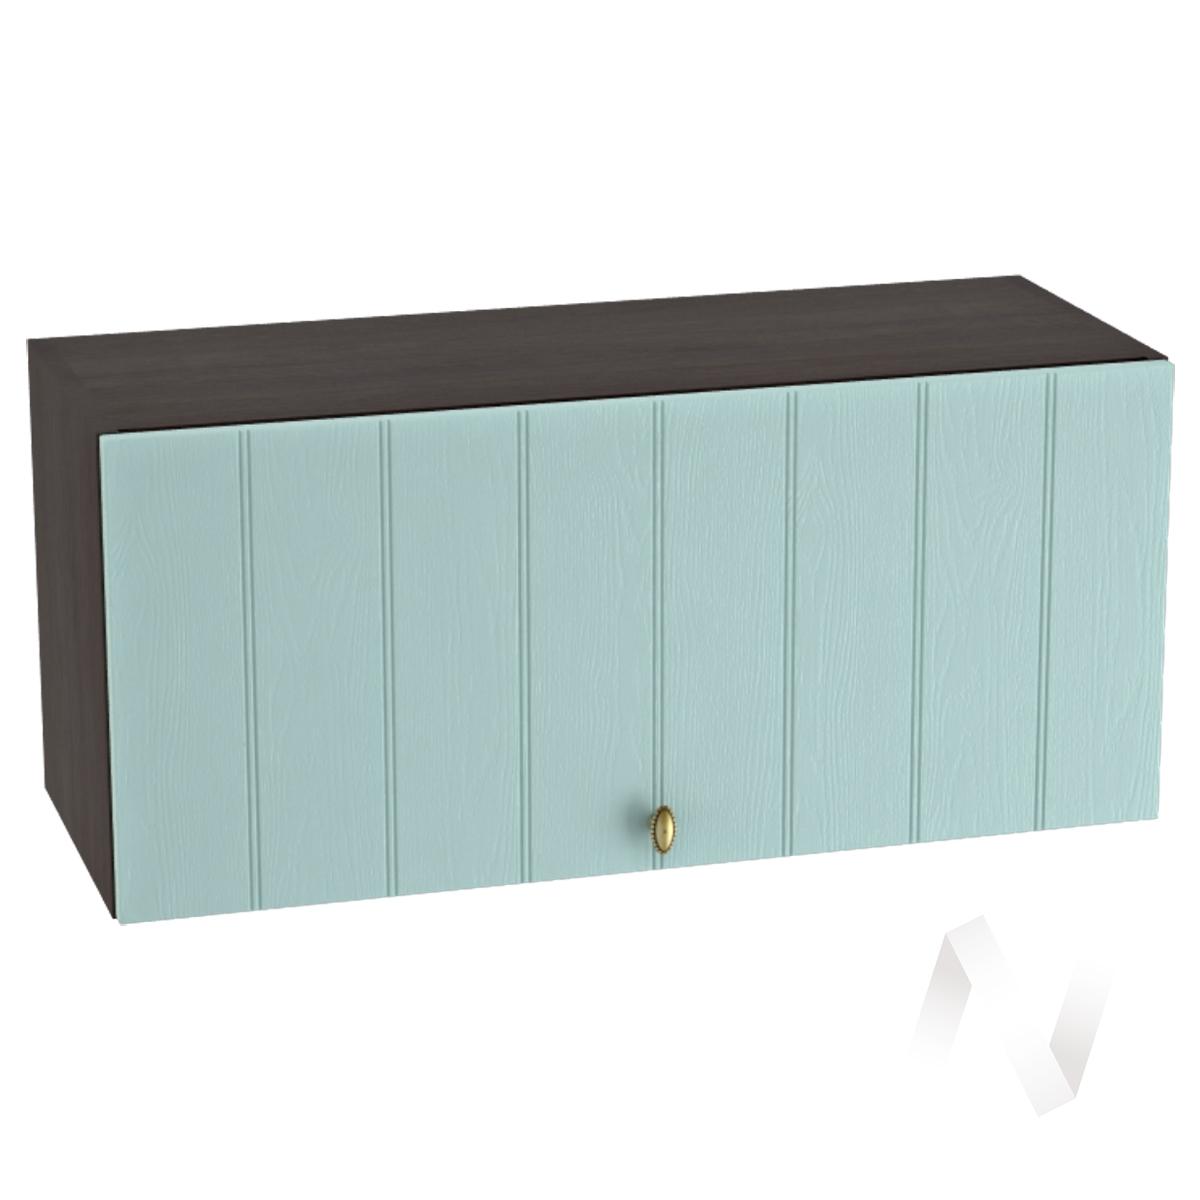 """Кухня """"Прованс"""": Шкаф верхний горизонтальный 800, ШВГ 800 (голубой/корпус венге)"""